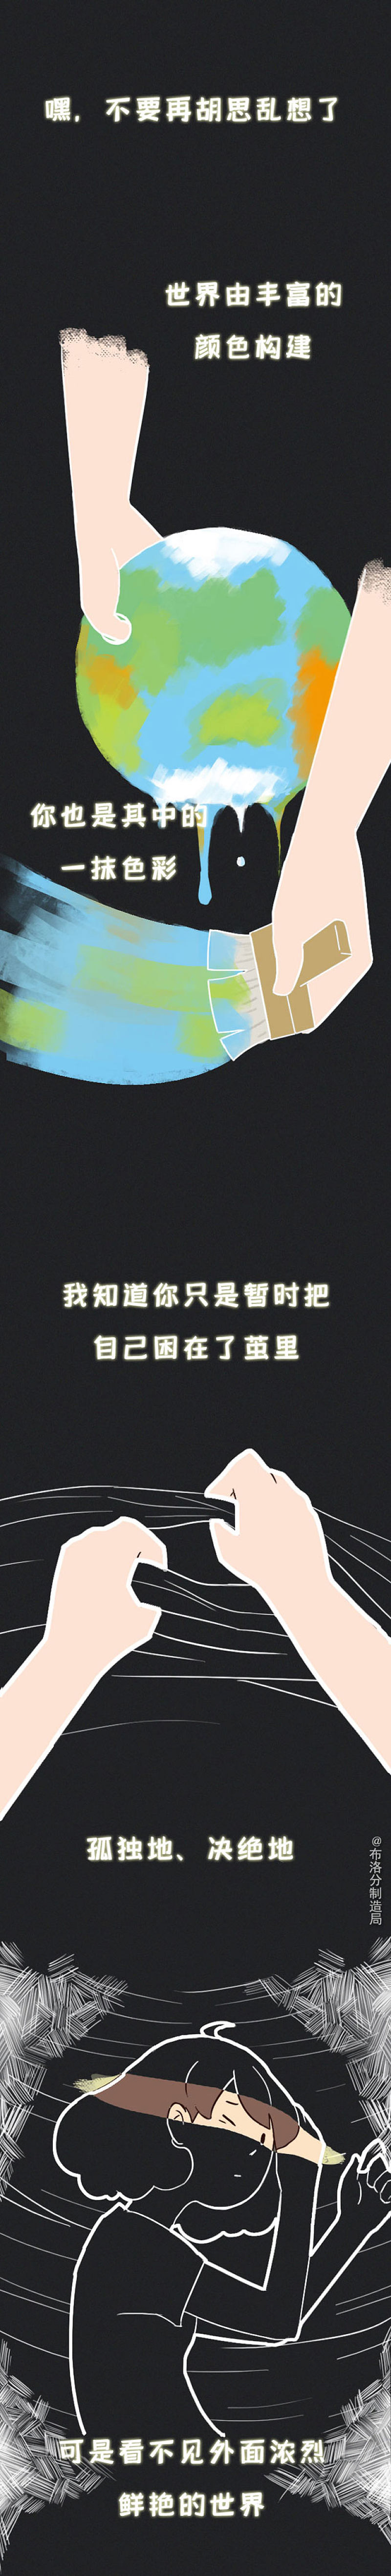 社恐5-1.jpg